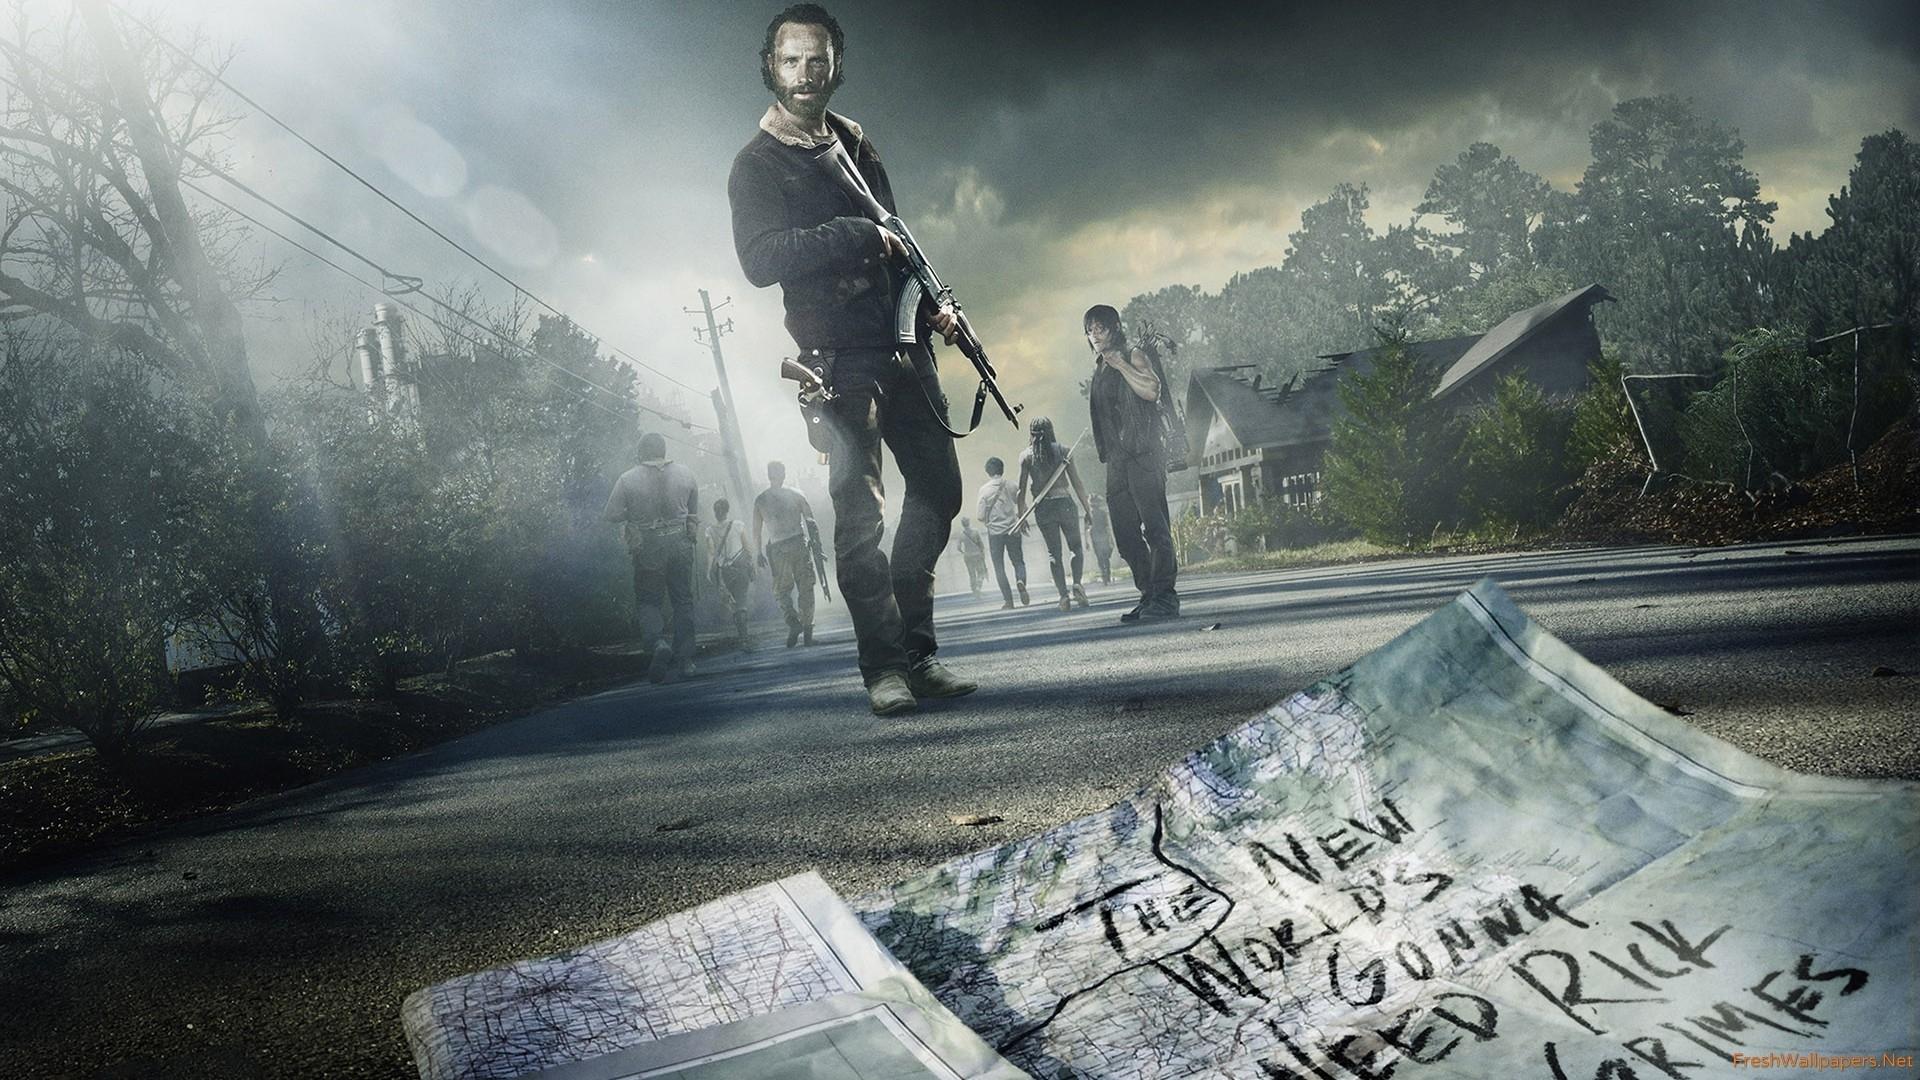 the walking dead season 5 midseason wallpapers | freshwallpapers